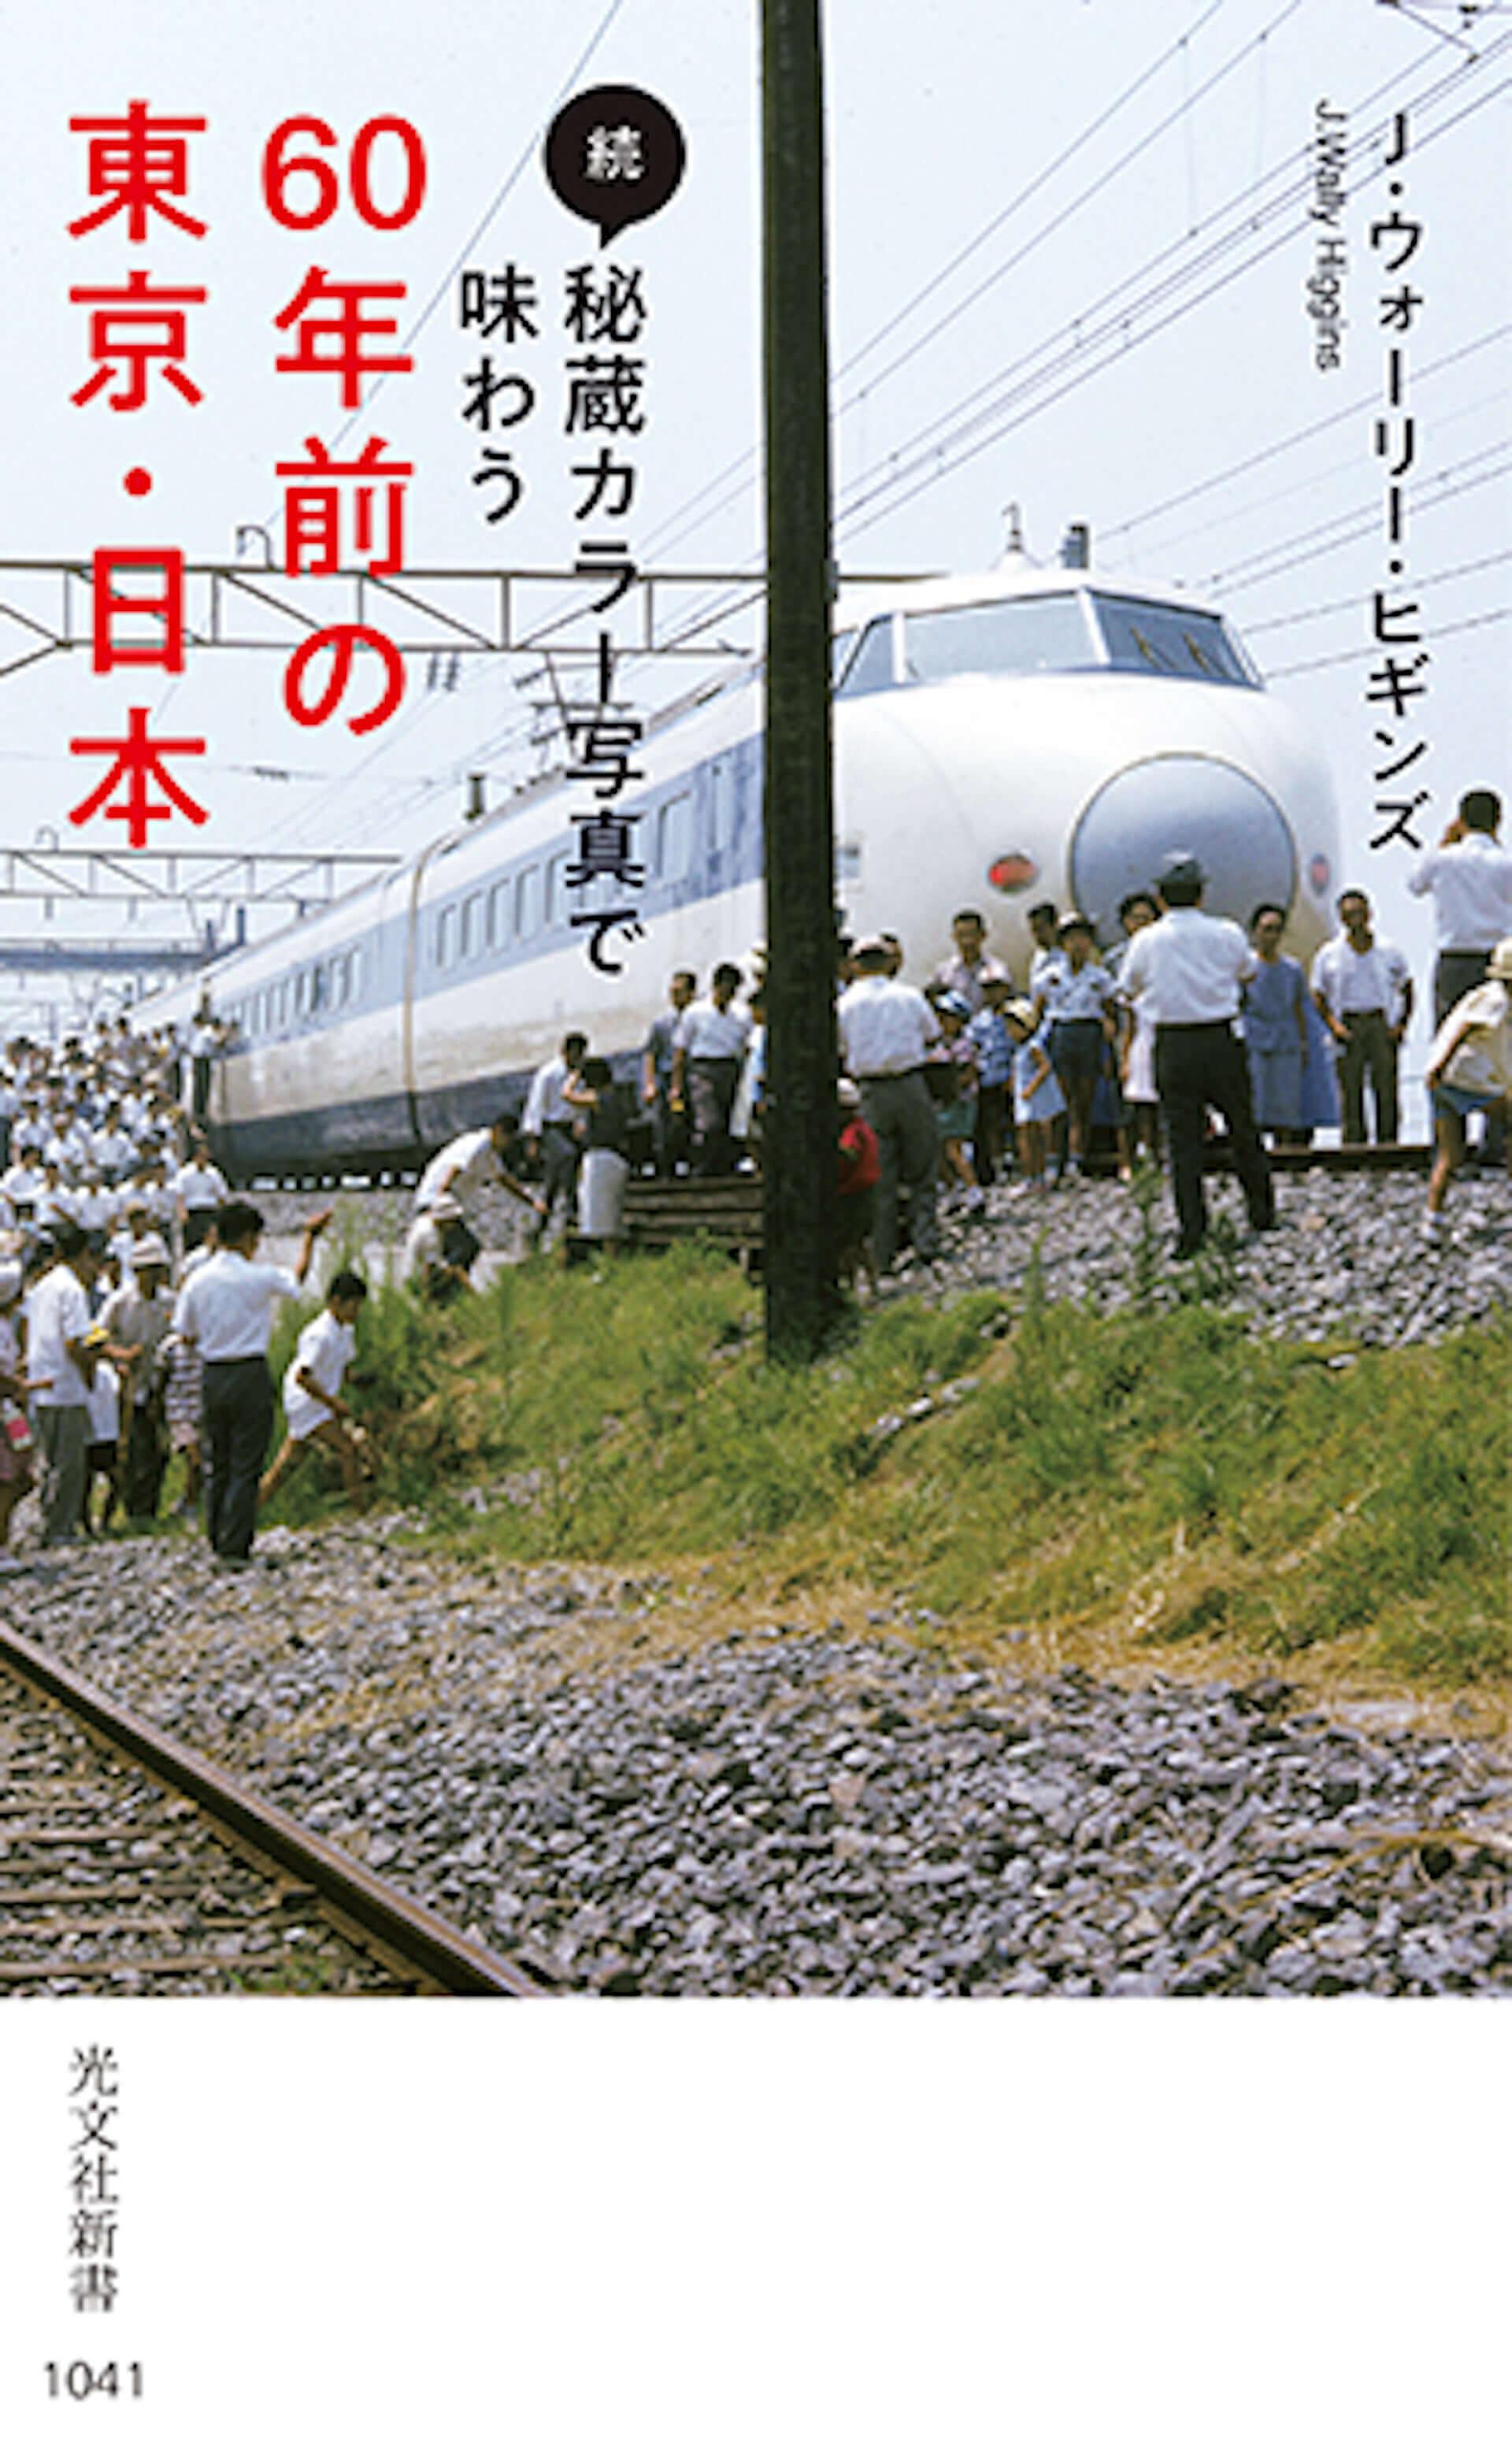 昭和30年代の風景をカラー写真で!『秘蔵カラー写真で味わう60年前の東京・日本』が累計4万部突破&収録内容が一部公開 art200904_tokyo-colourphoto_1-1920x3117